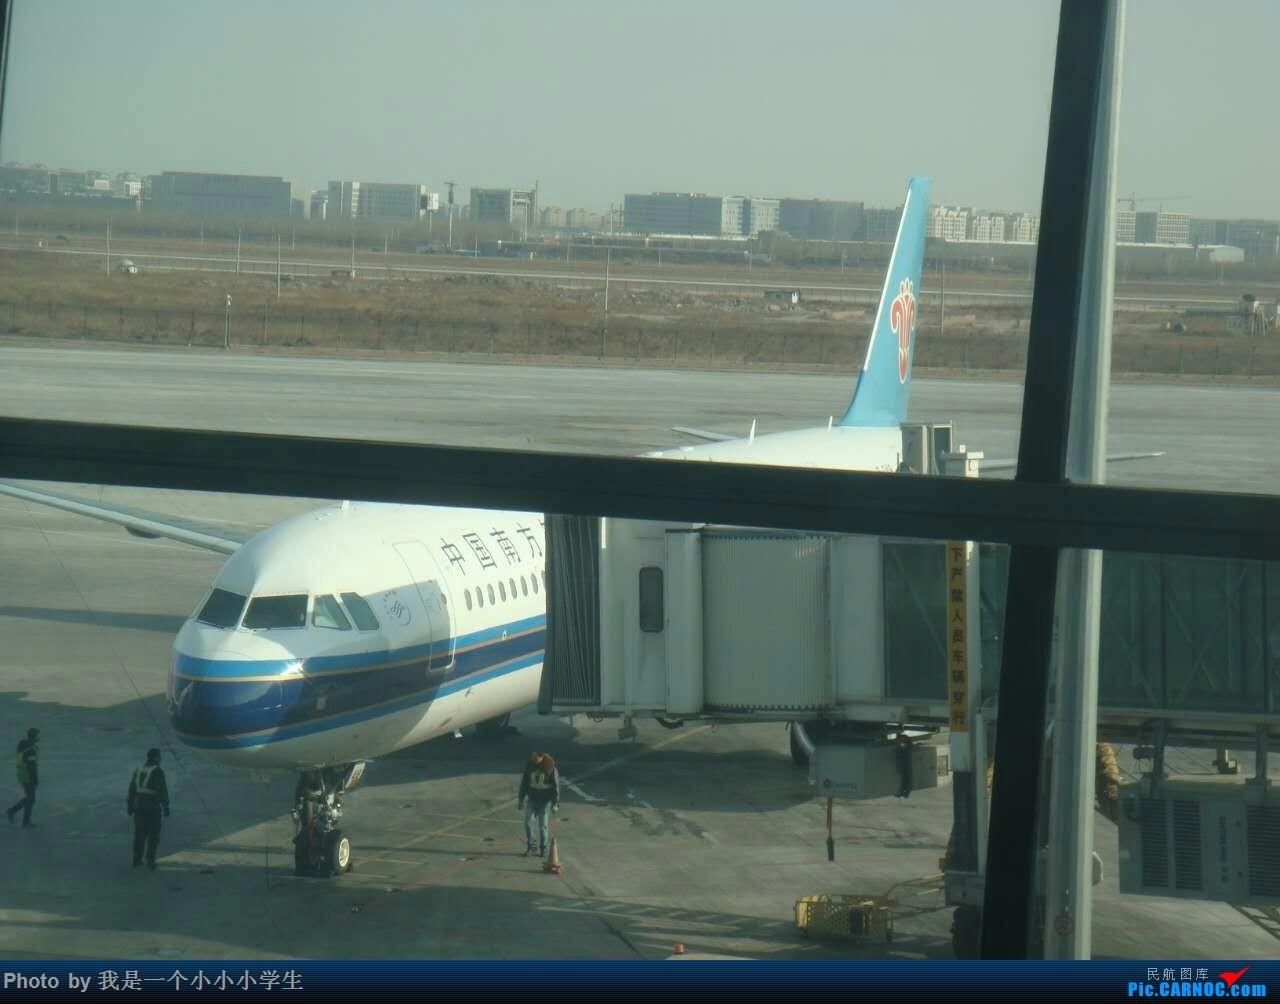 Re:[原创]天津-澳门-珠海-天津五日游[上] AIRBUS A321-200 B-2418 中国天津滨海机场